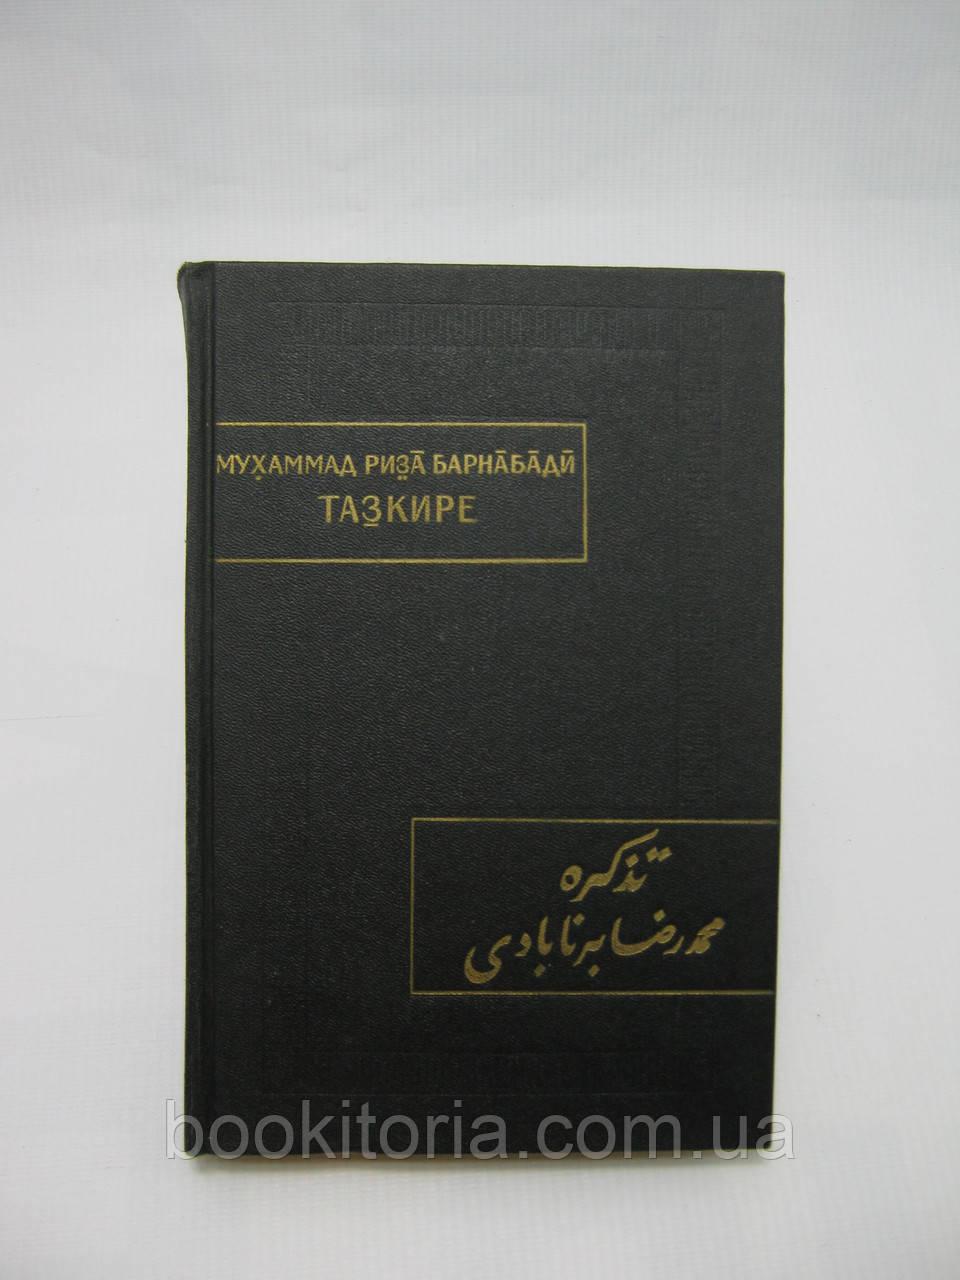 Мухаммад Риза Барнабади. Тазкире («Памятные записки») (б/у).